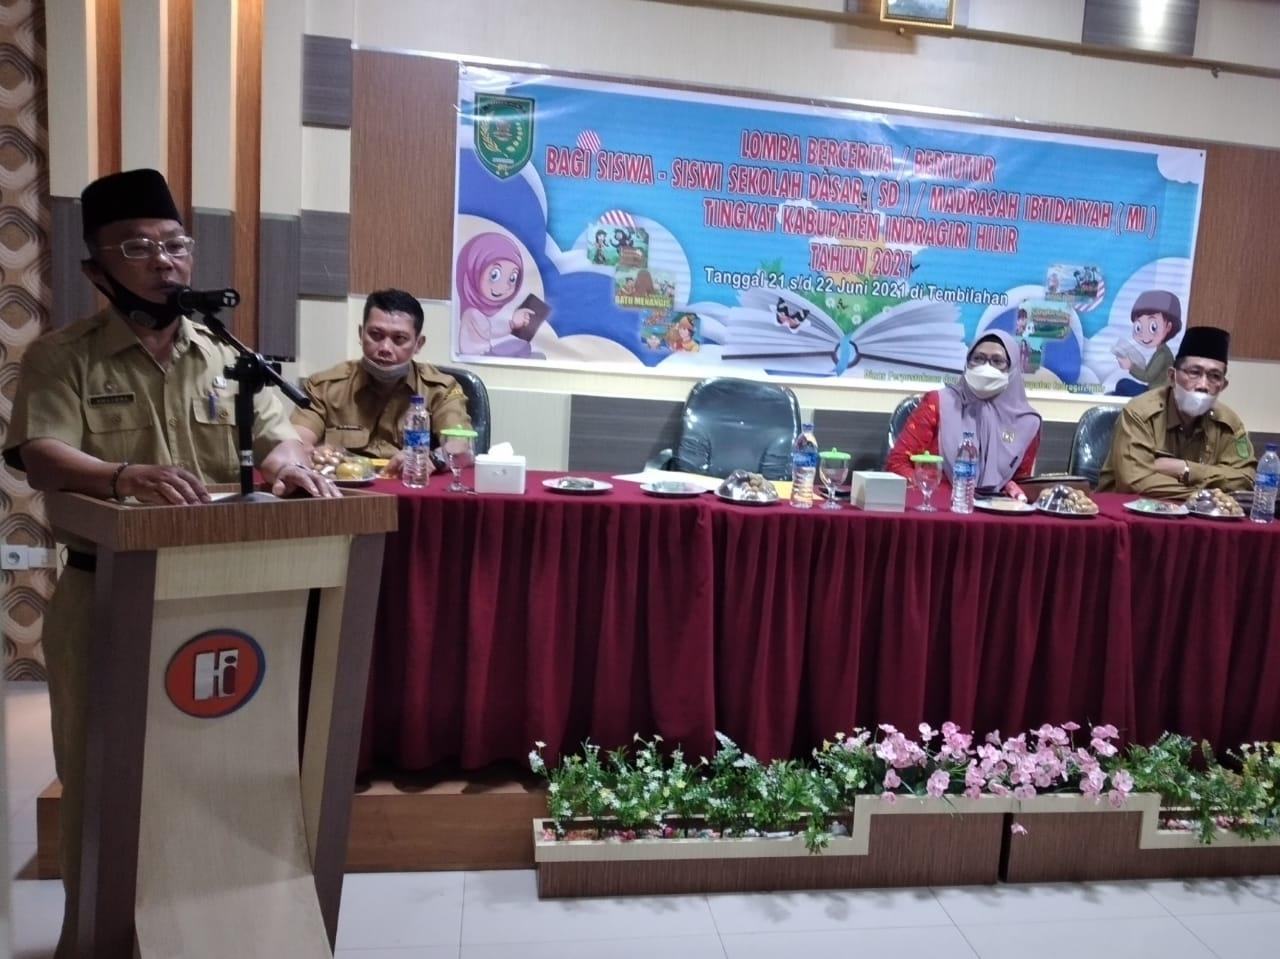 Kepala DPAD Yulizal Buka Lomba Bercerita/Bertutur Tingkat SD dan MI di Inhil